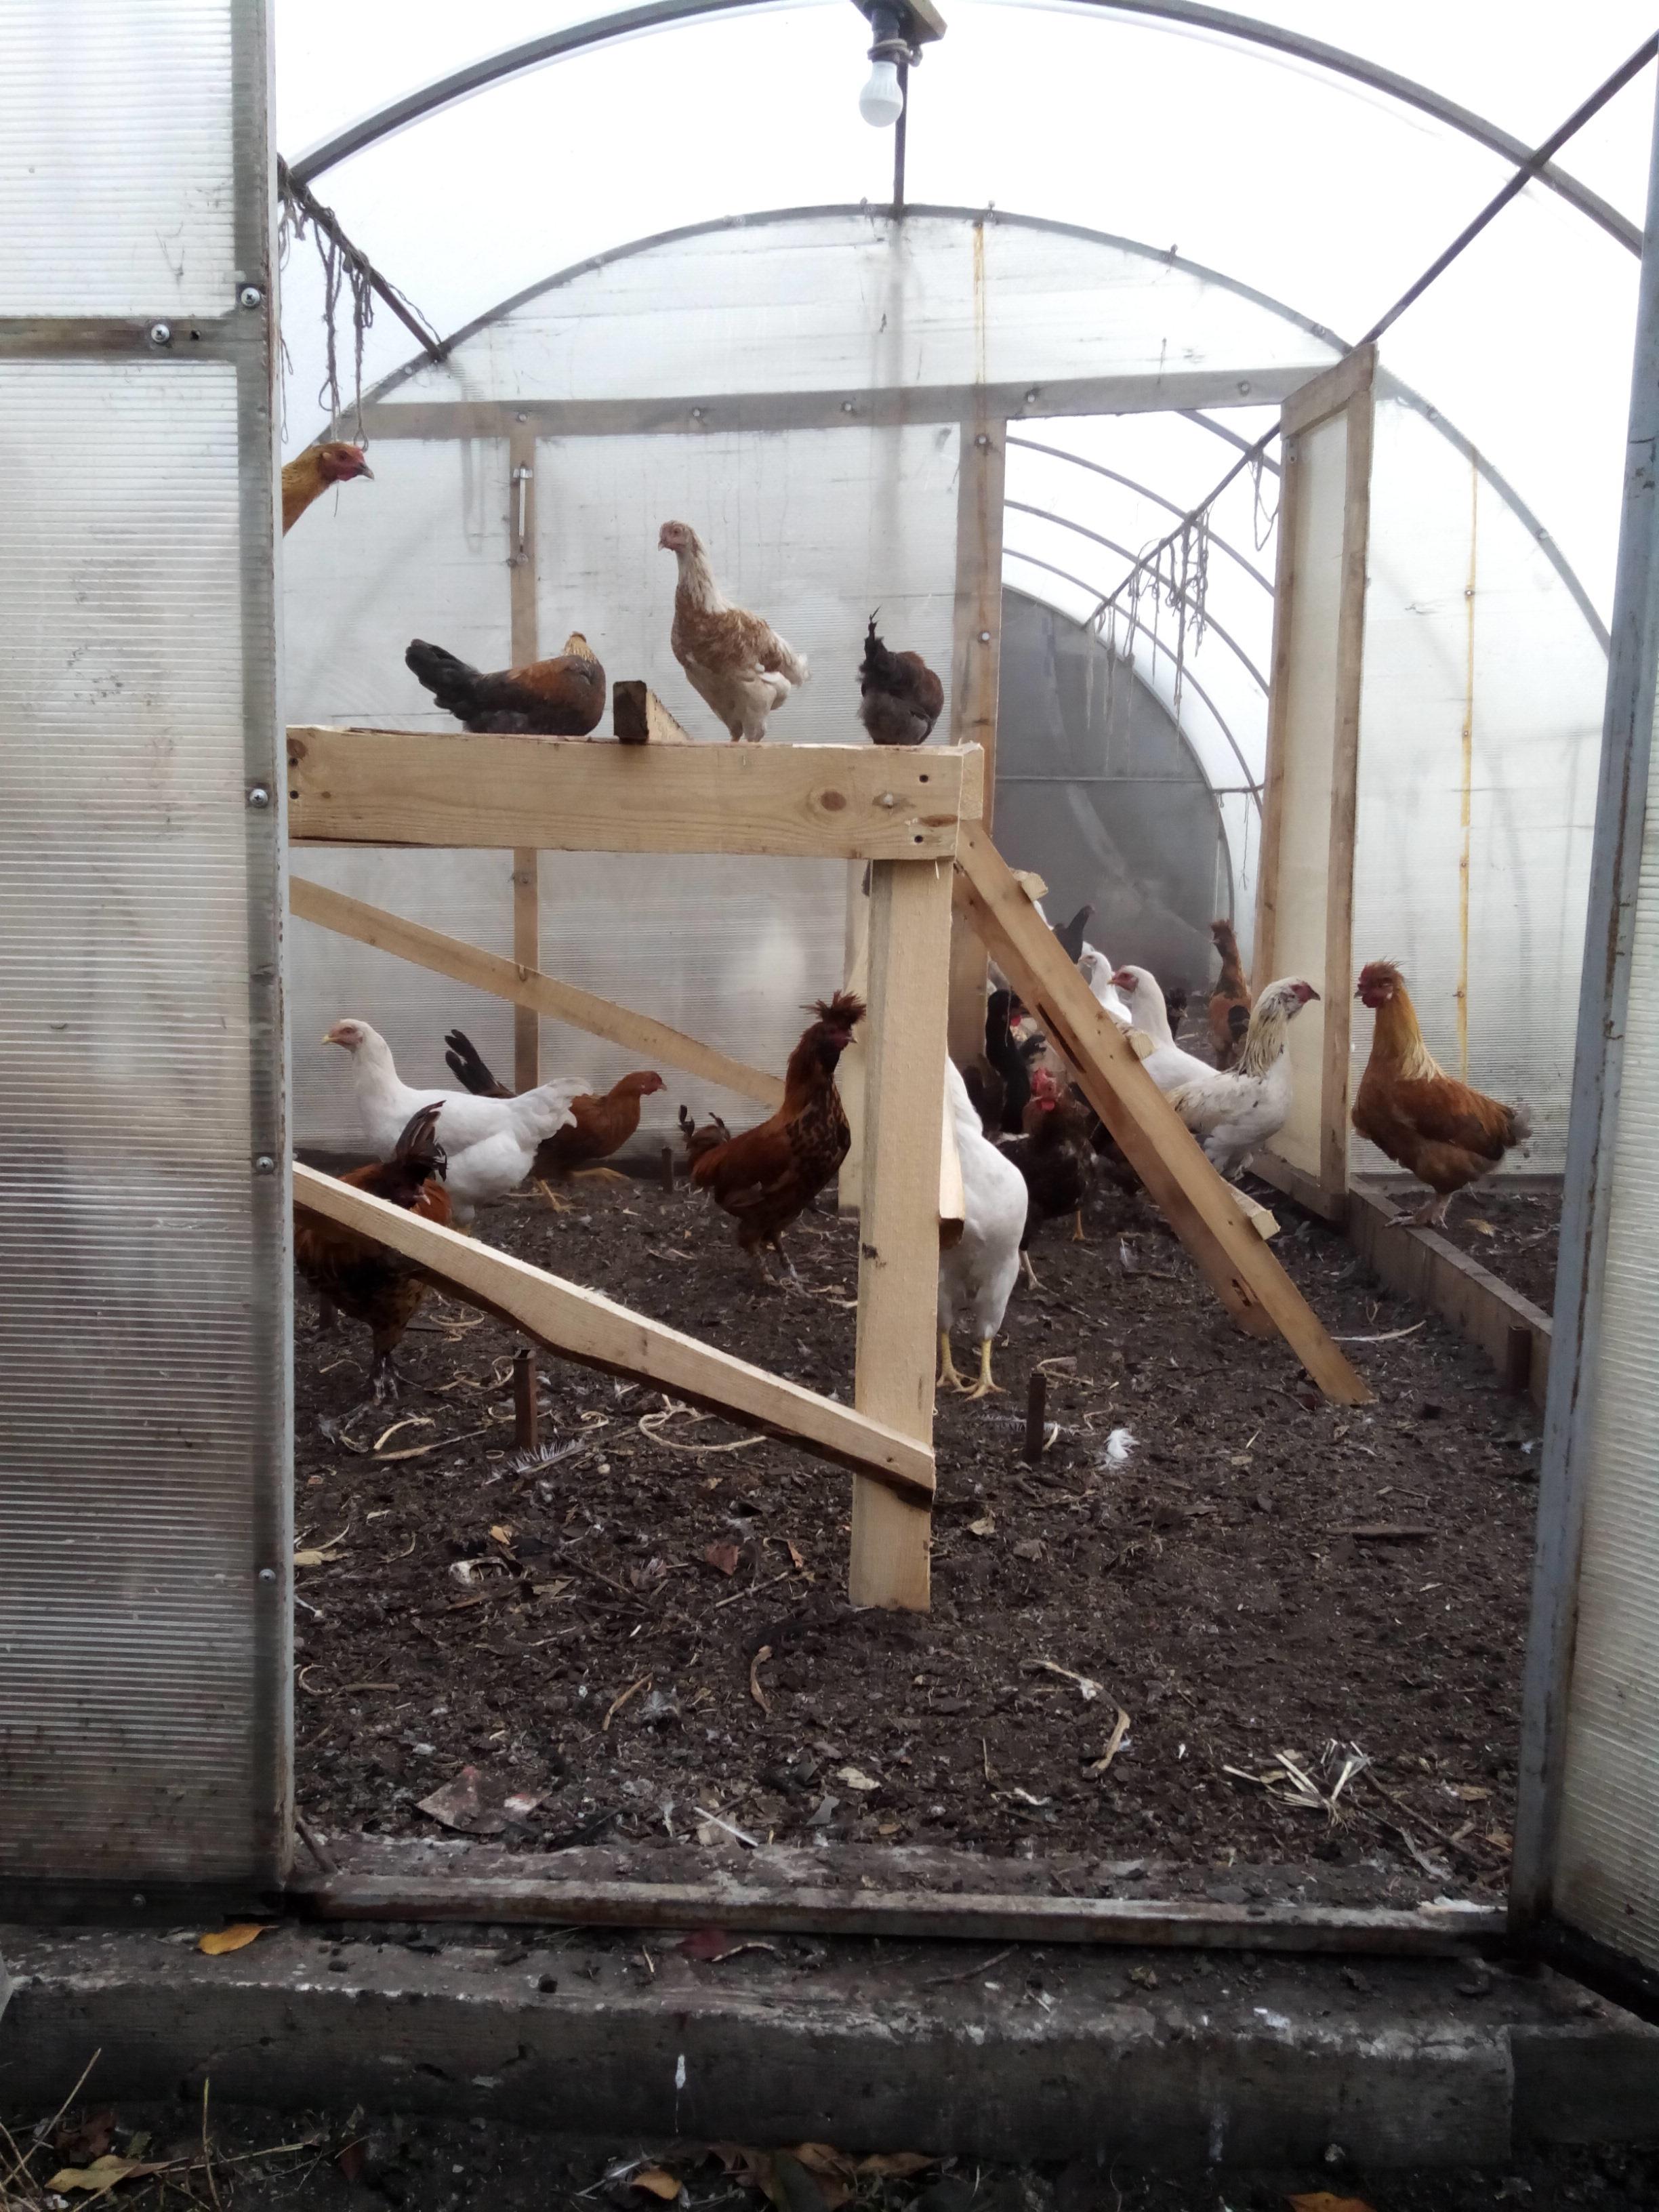 Условия содержания куриц зимой и летом, что правильно?